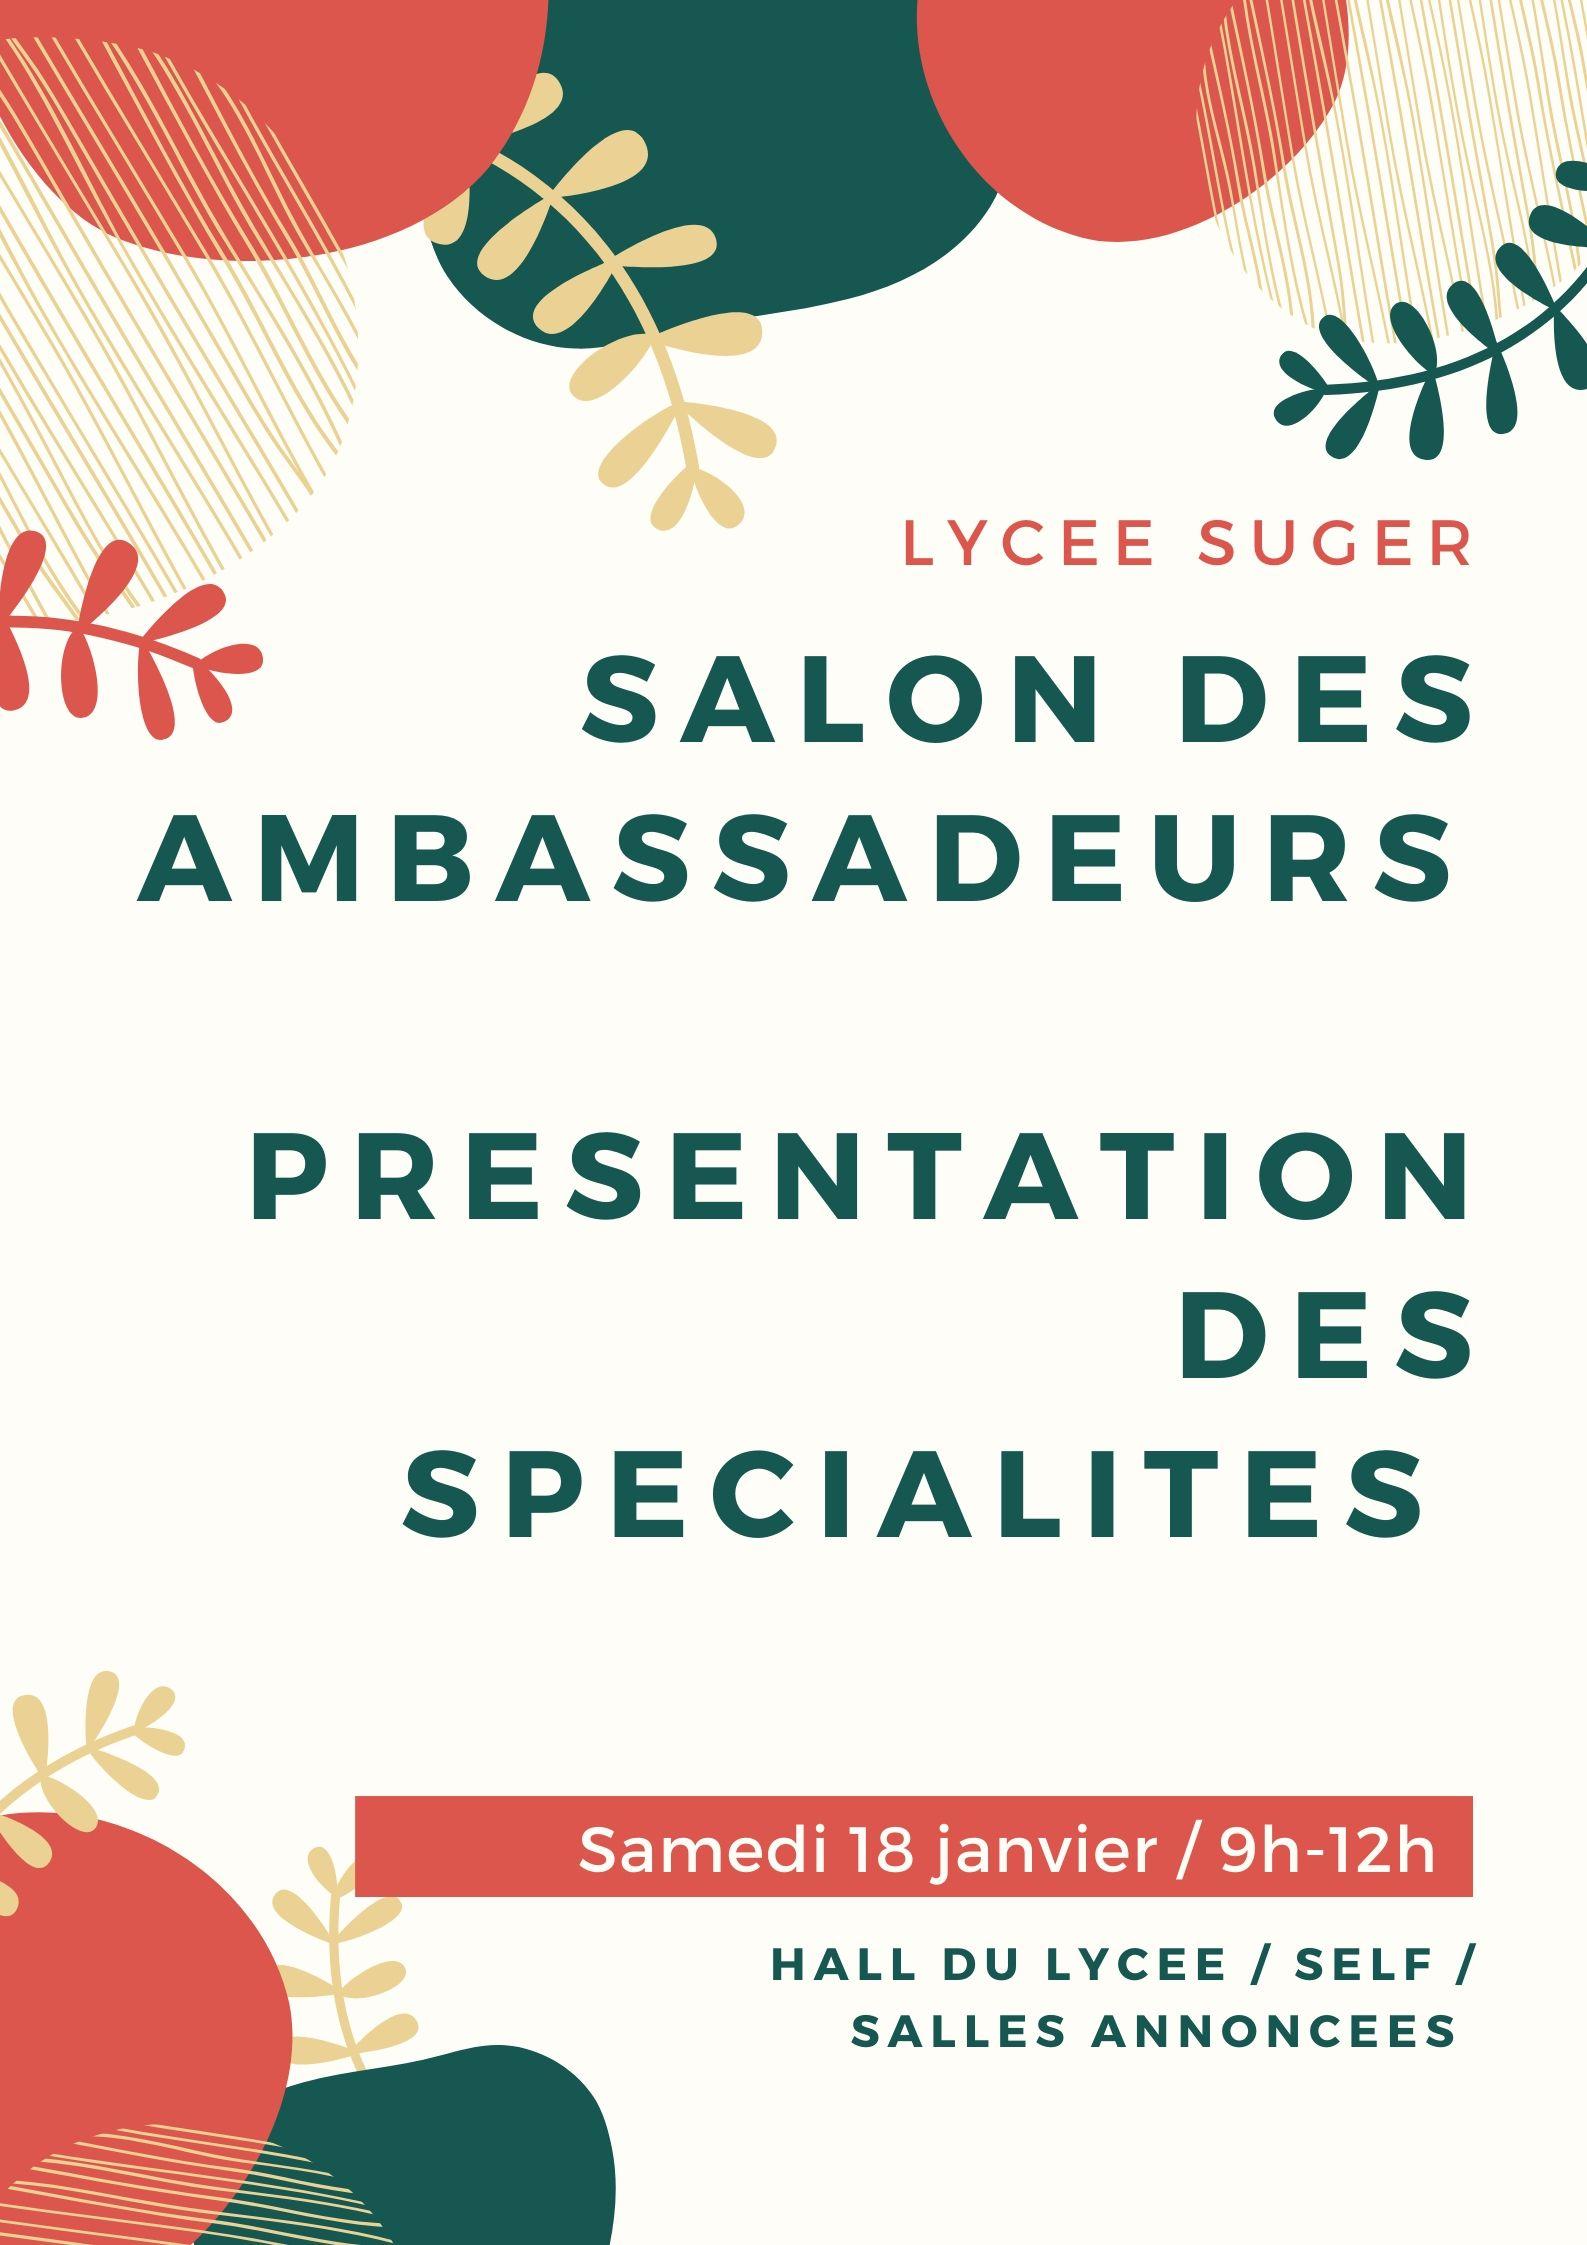 Salon des ambassadeurs / Présentation des spécialités – samedi 18 janvier